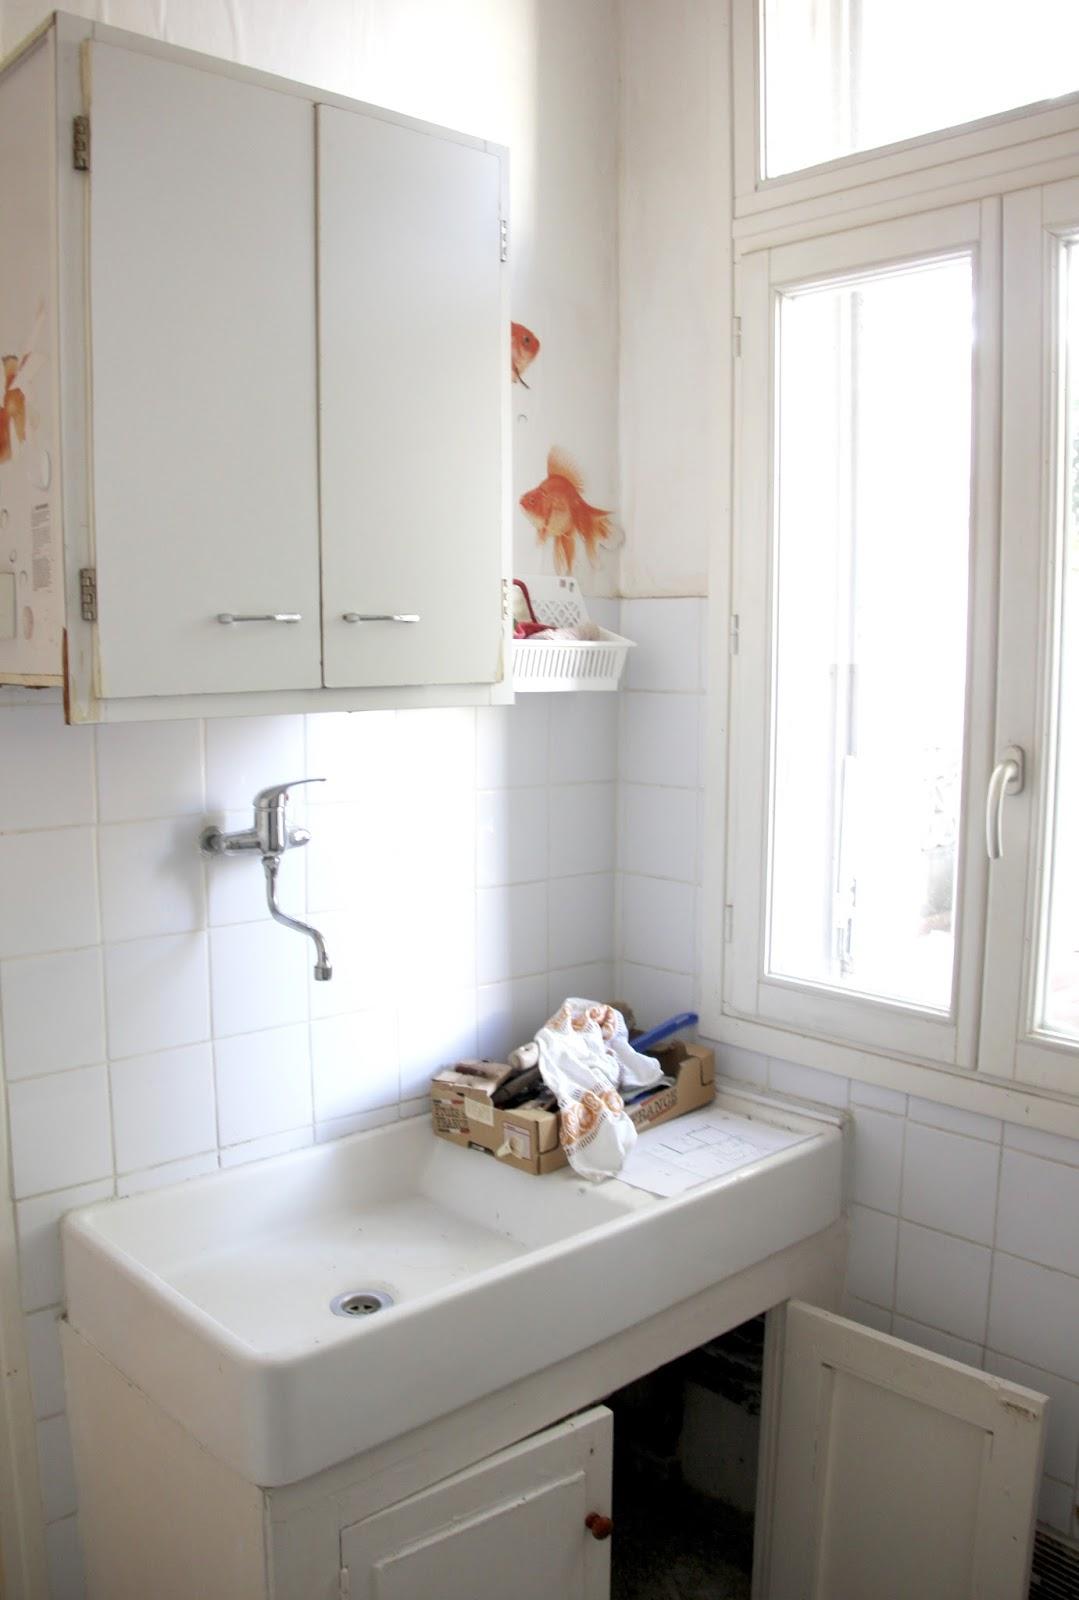 regardsetmaisons r novation cuisine tape 1 changer l. Black Bedroom Furniture Sets. Home Design Ideas